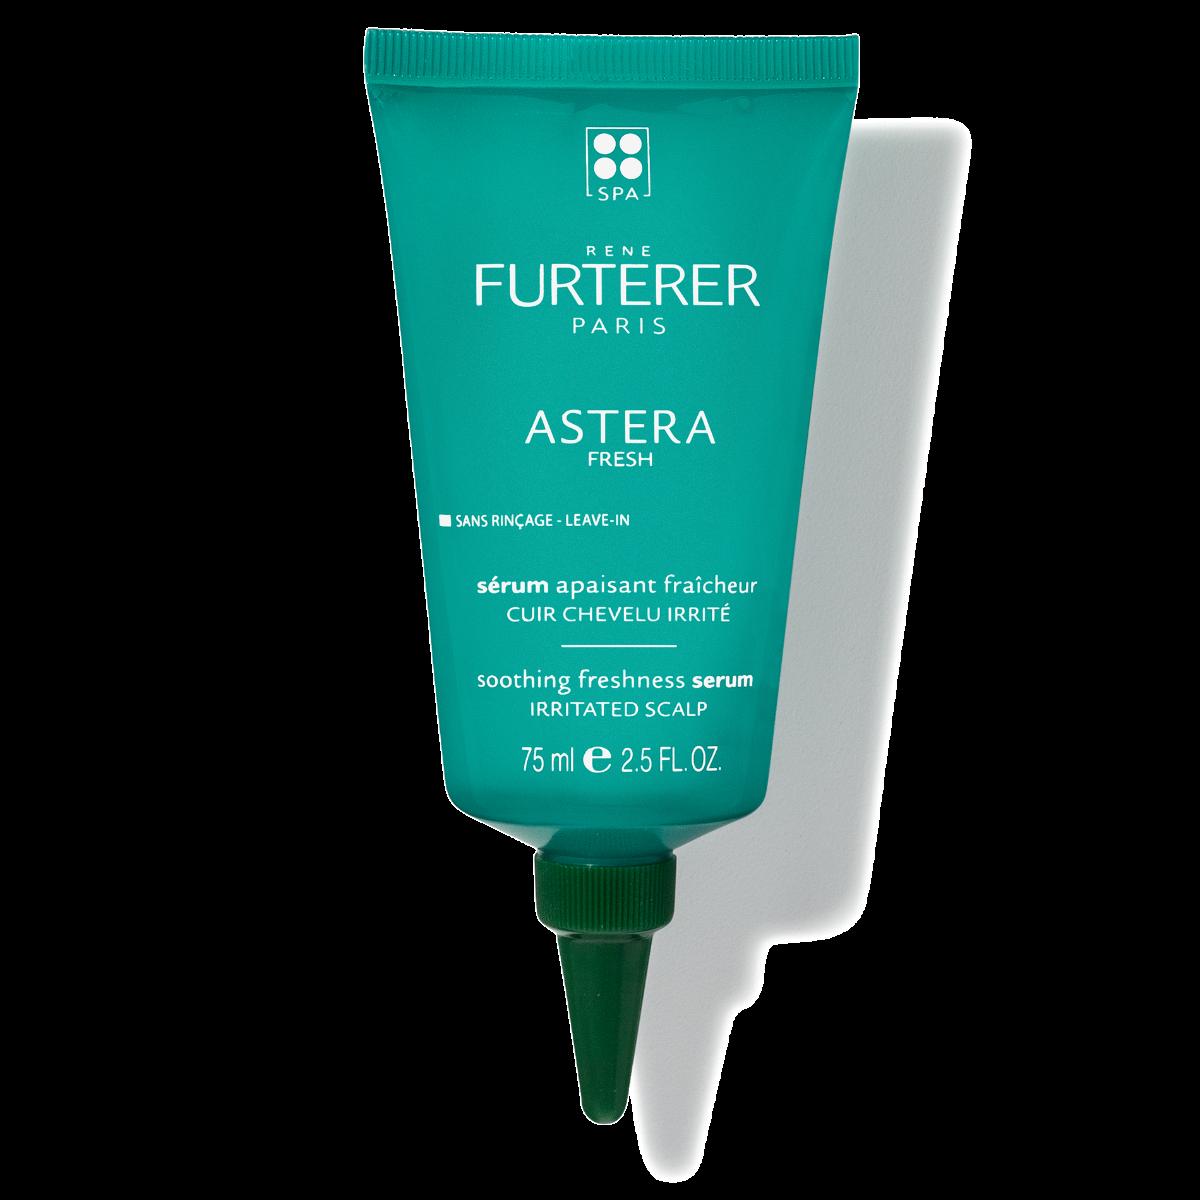 Rene Furterer ASTERA FRESH Soothing Freshness Serum